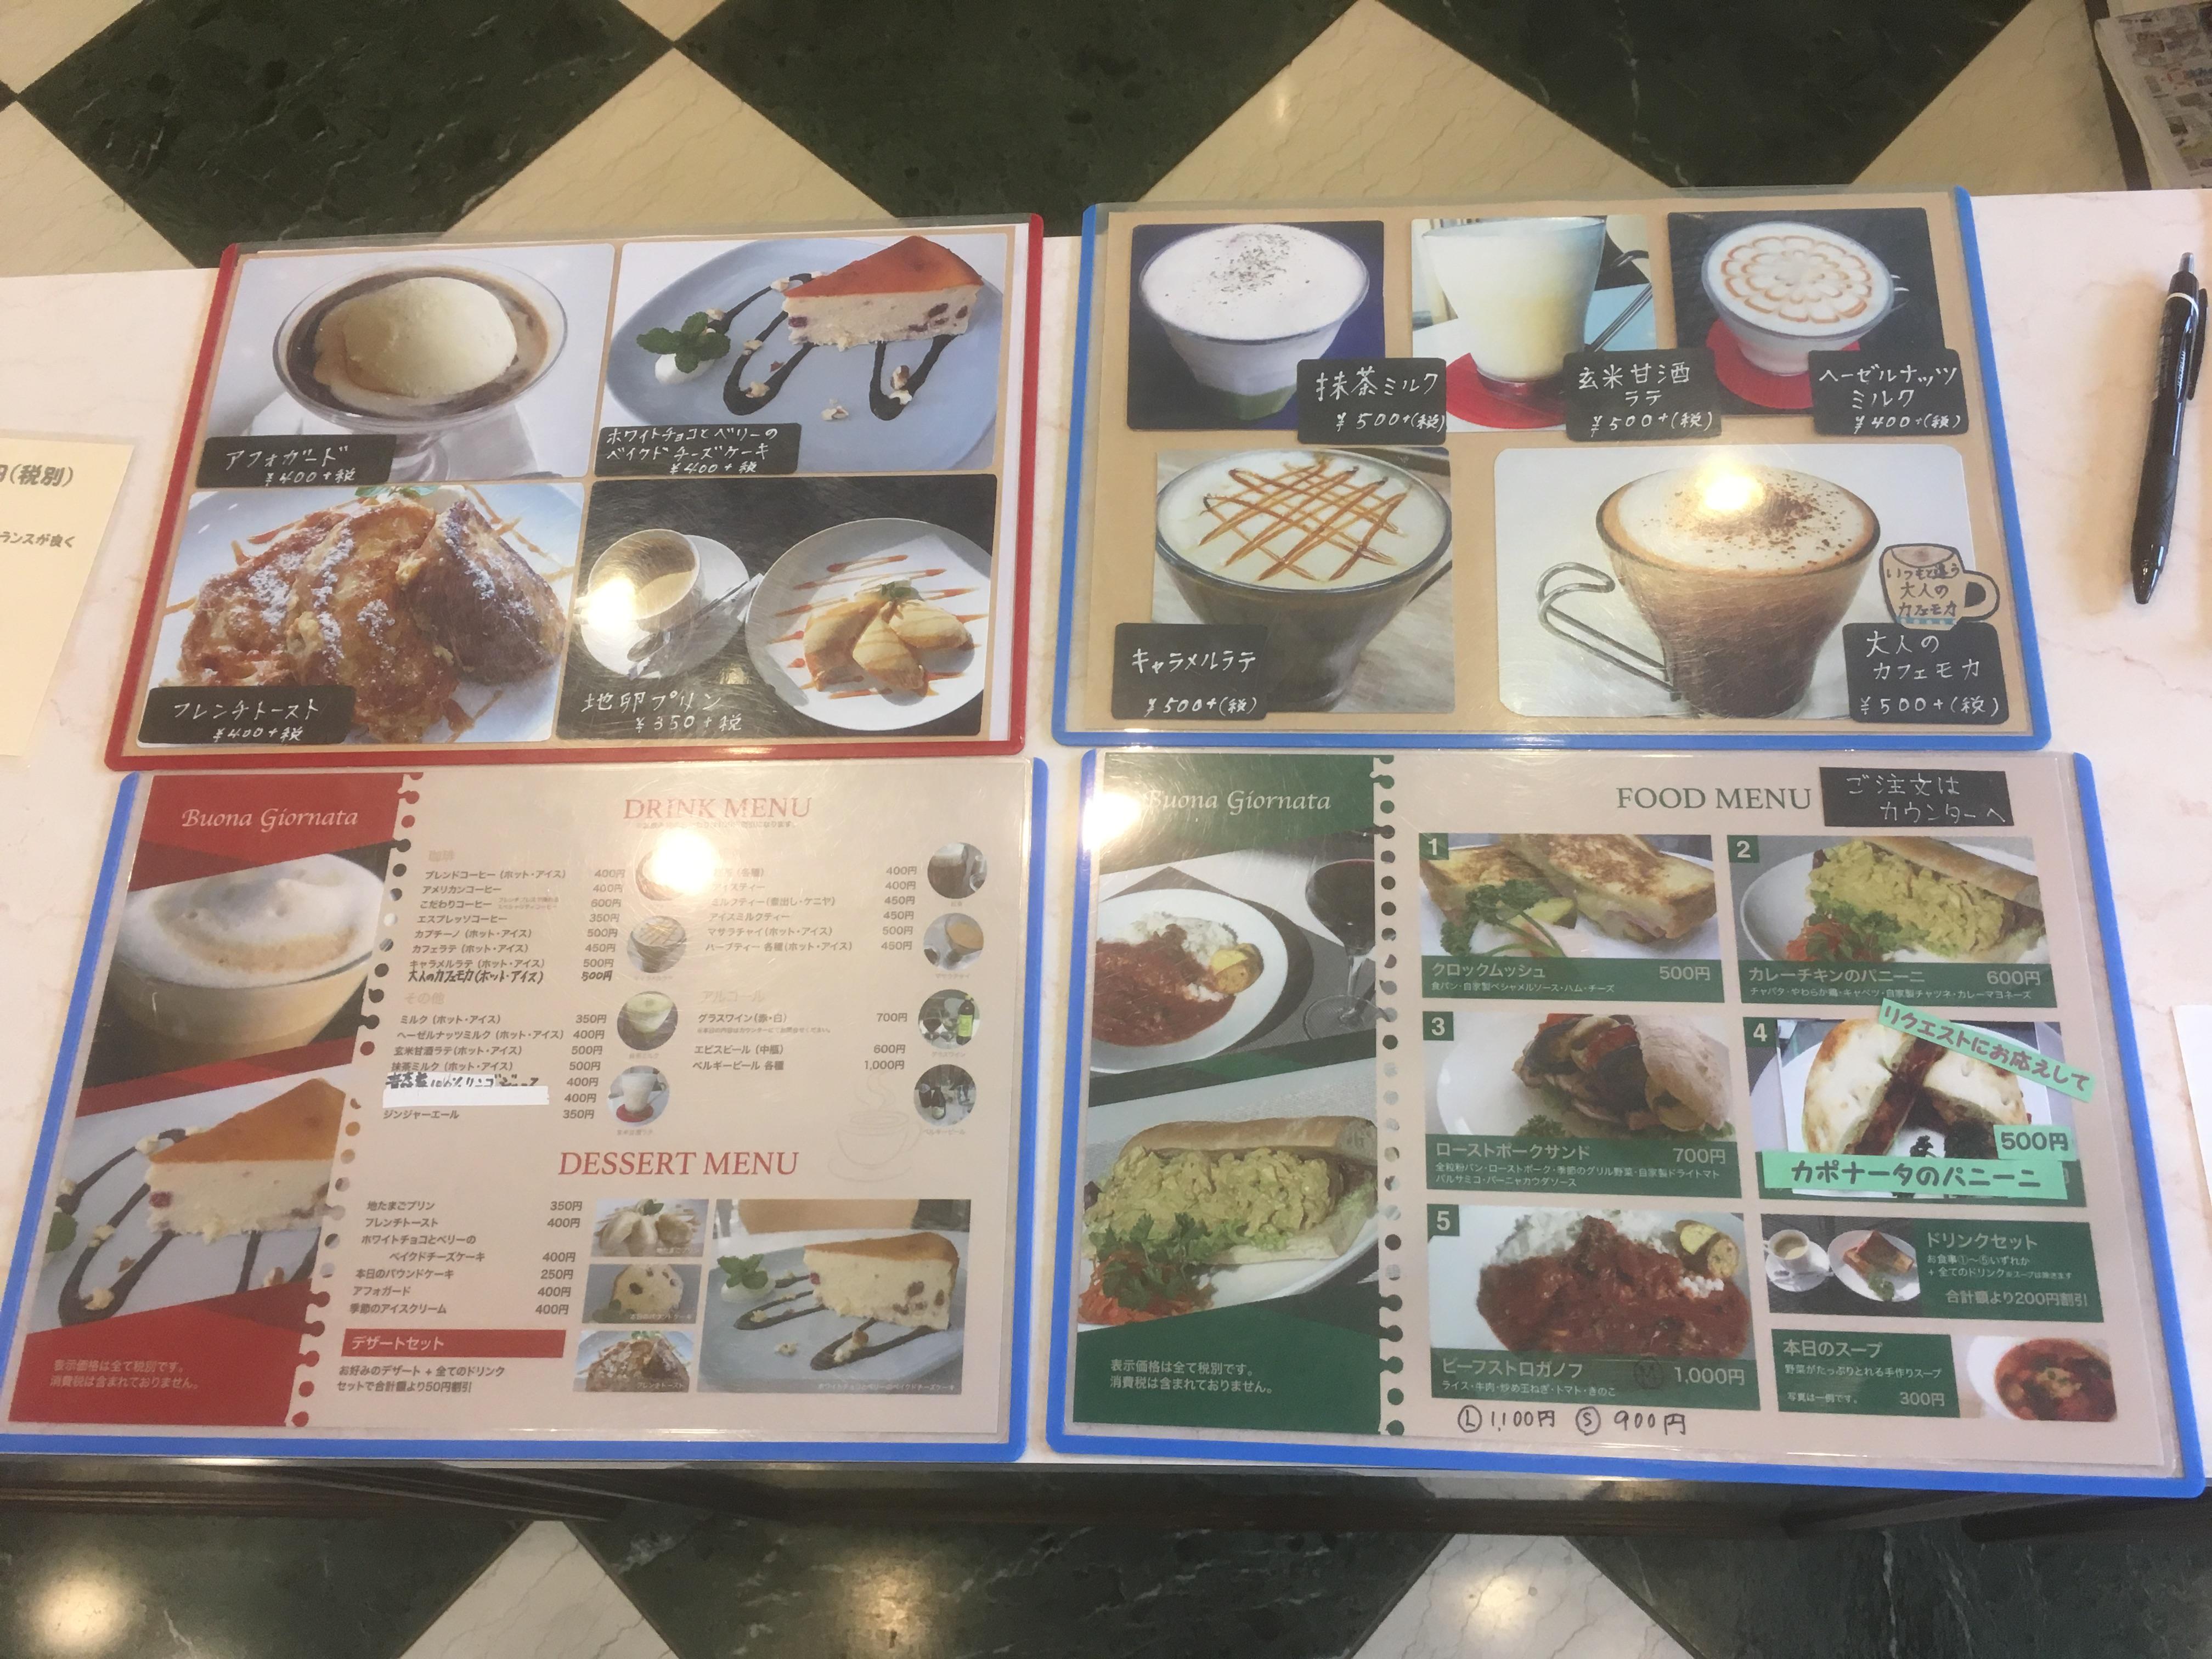 佐倉市立美術館 カフェ